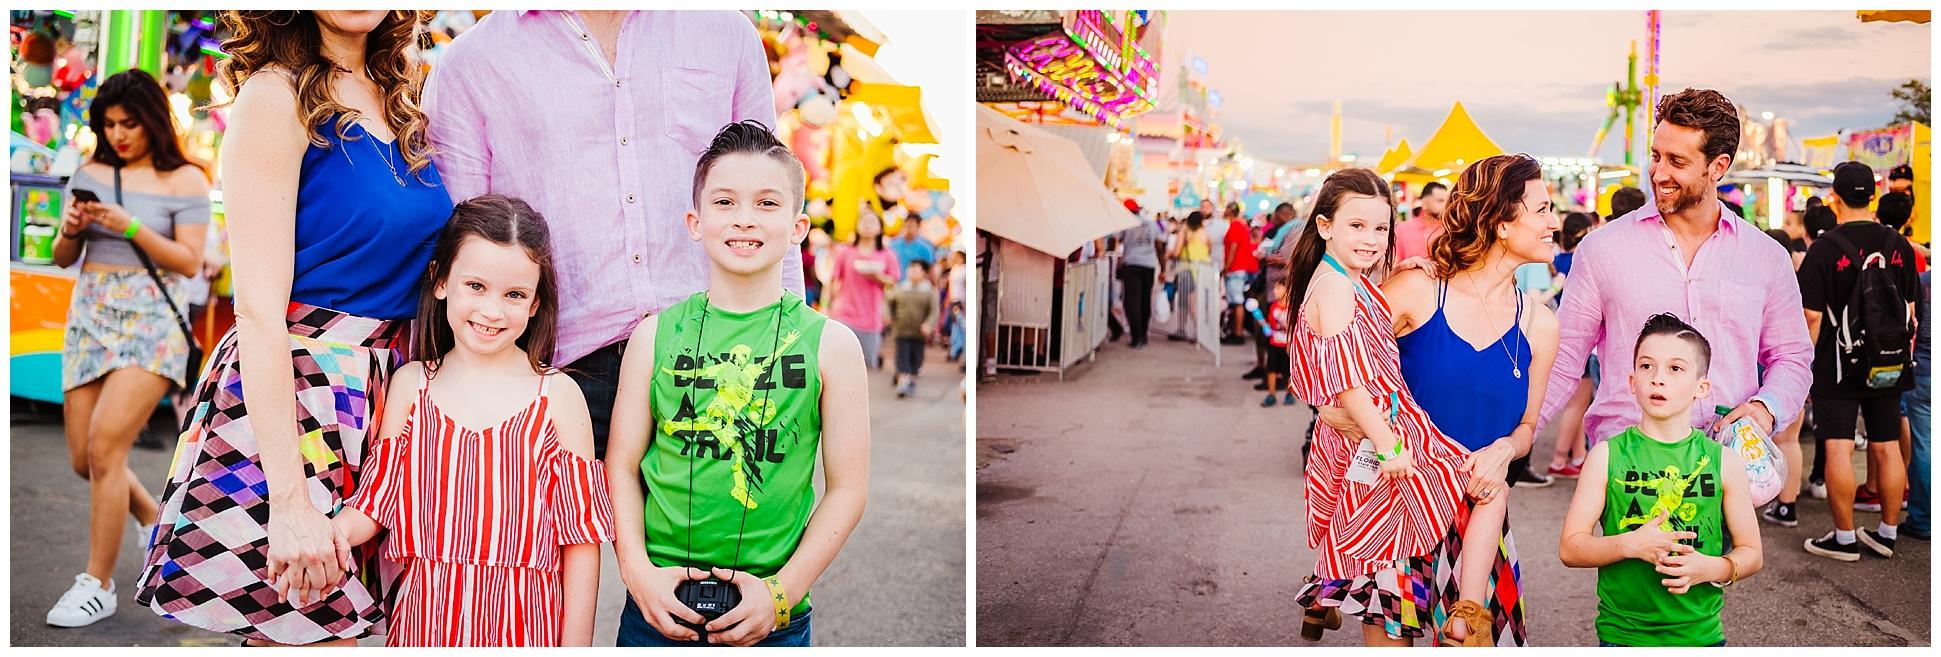 Tampa-colorful-fair-amusement park-dani family session_0020.jpg